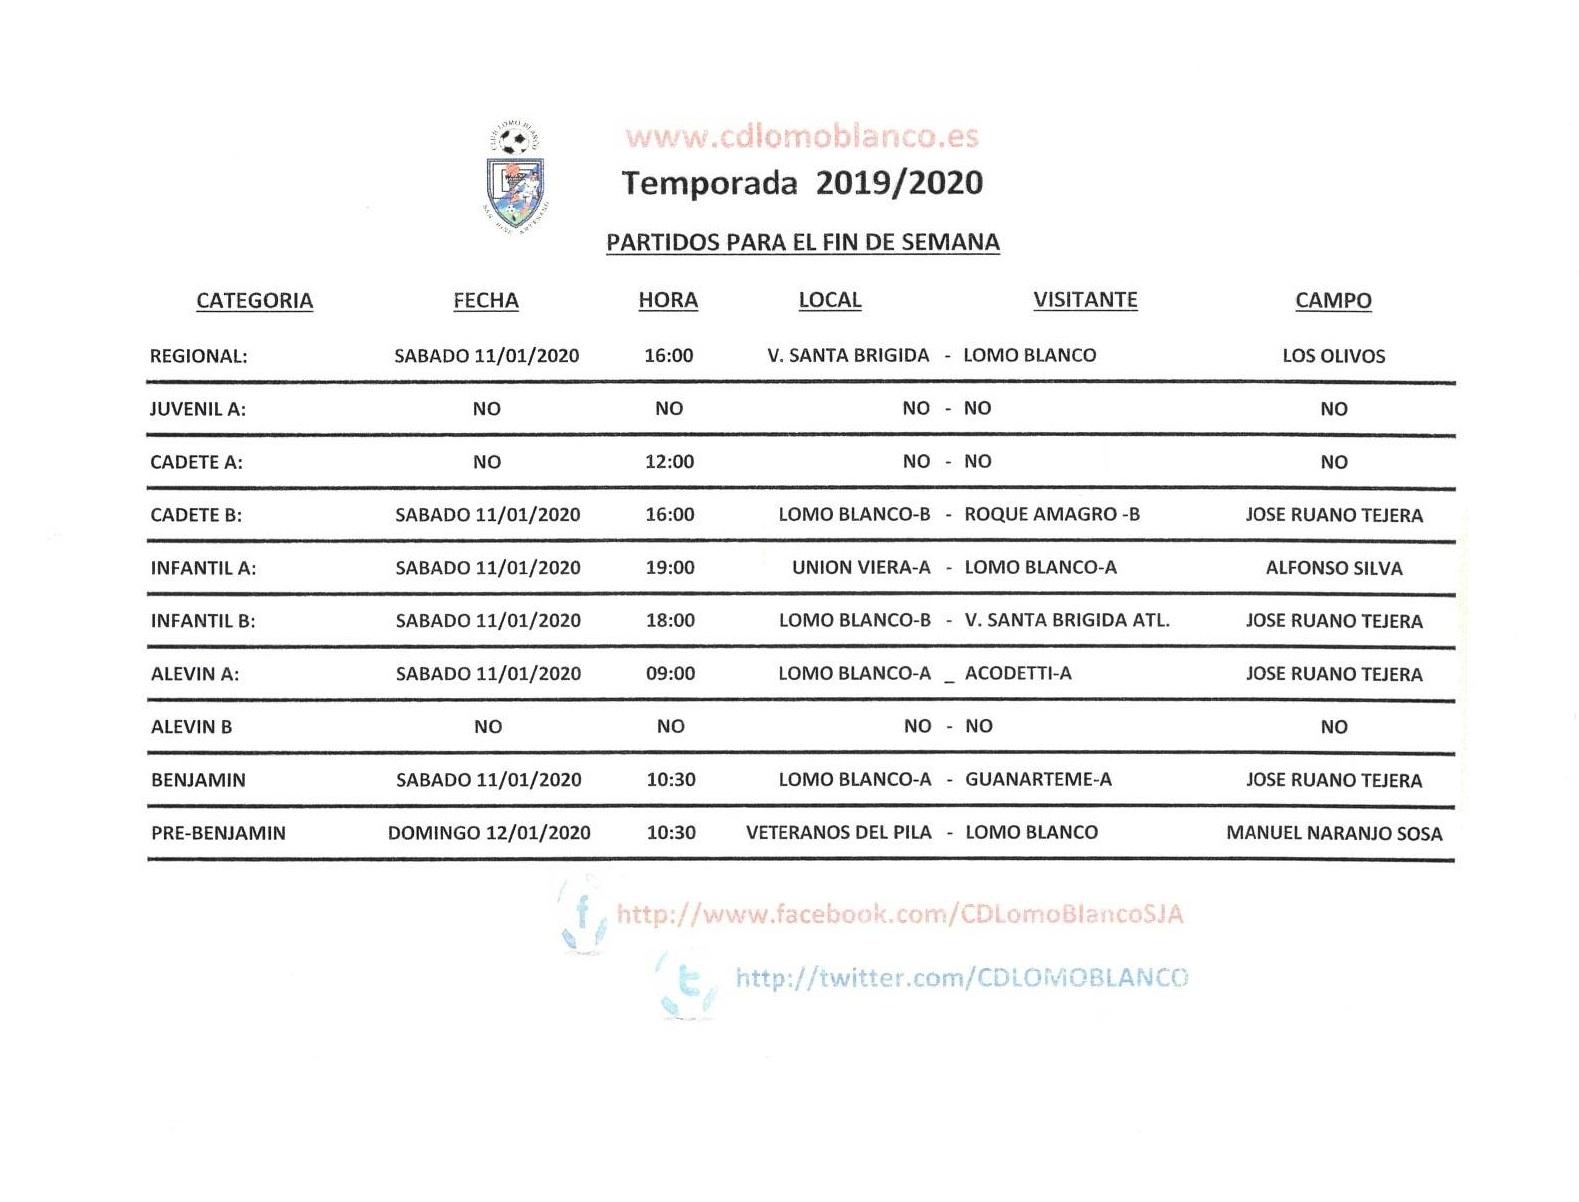 PARTIDOS DEL FIN DE SEMANA  DE ENERO 10-12